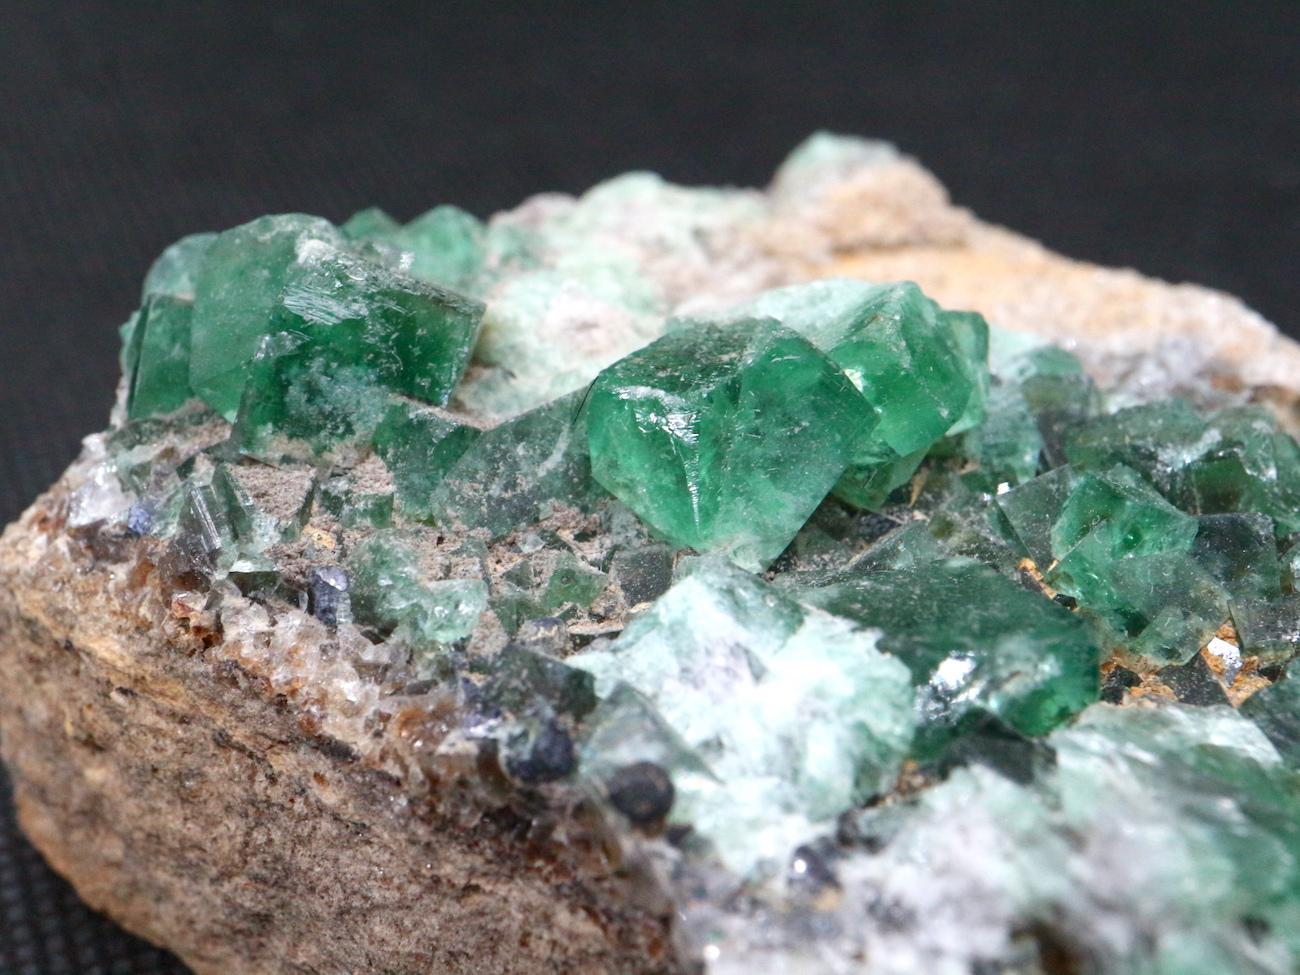 ロジャリー鉱山! グリーン フローライト 蛍石 原石 イギリス産 360g  FL029